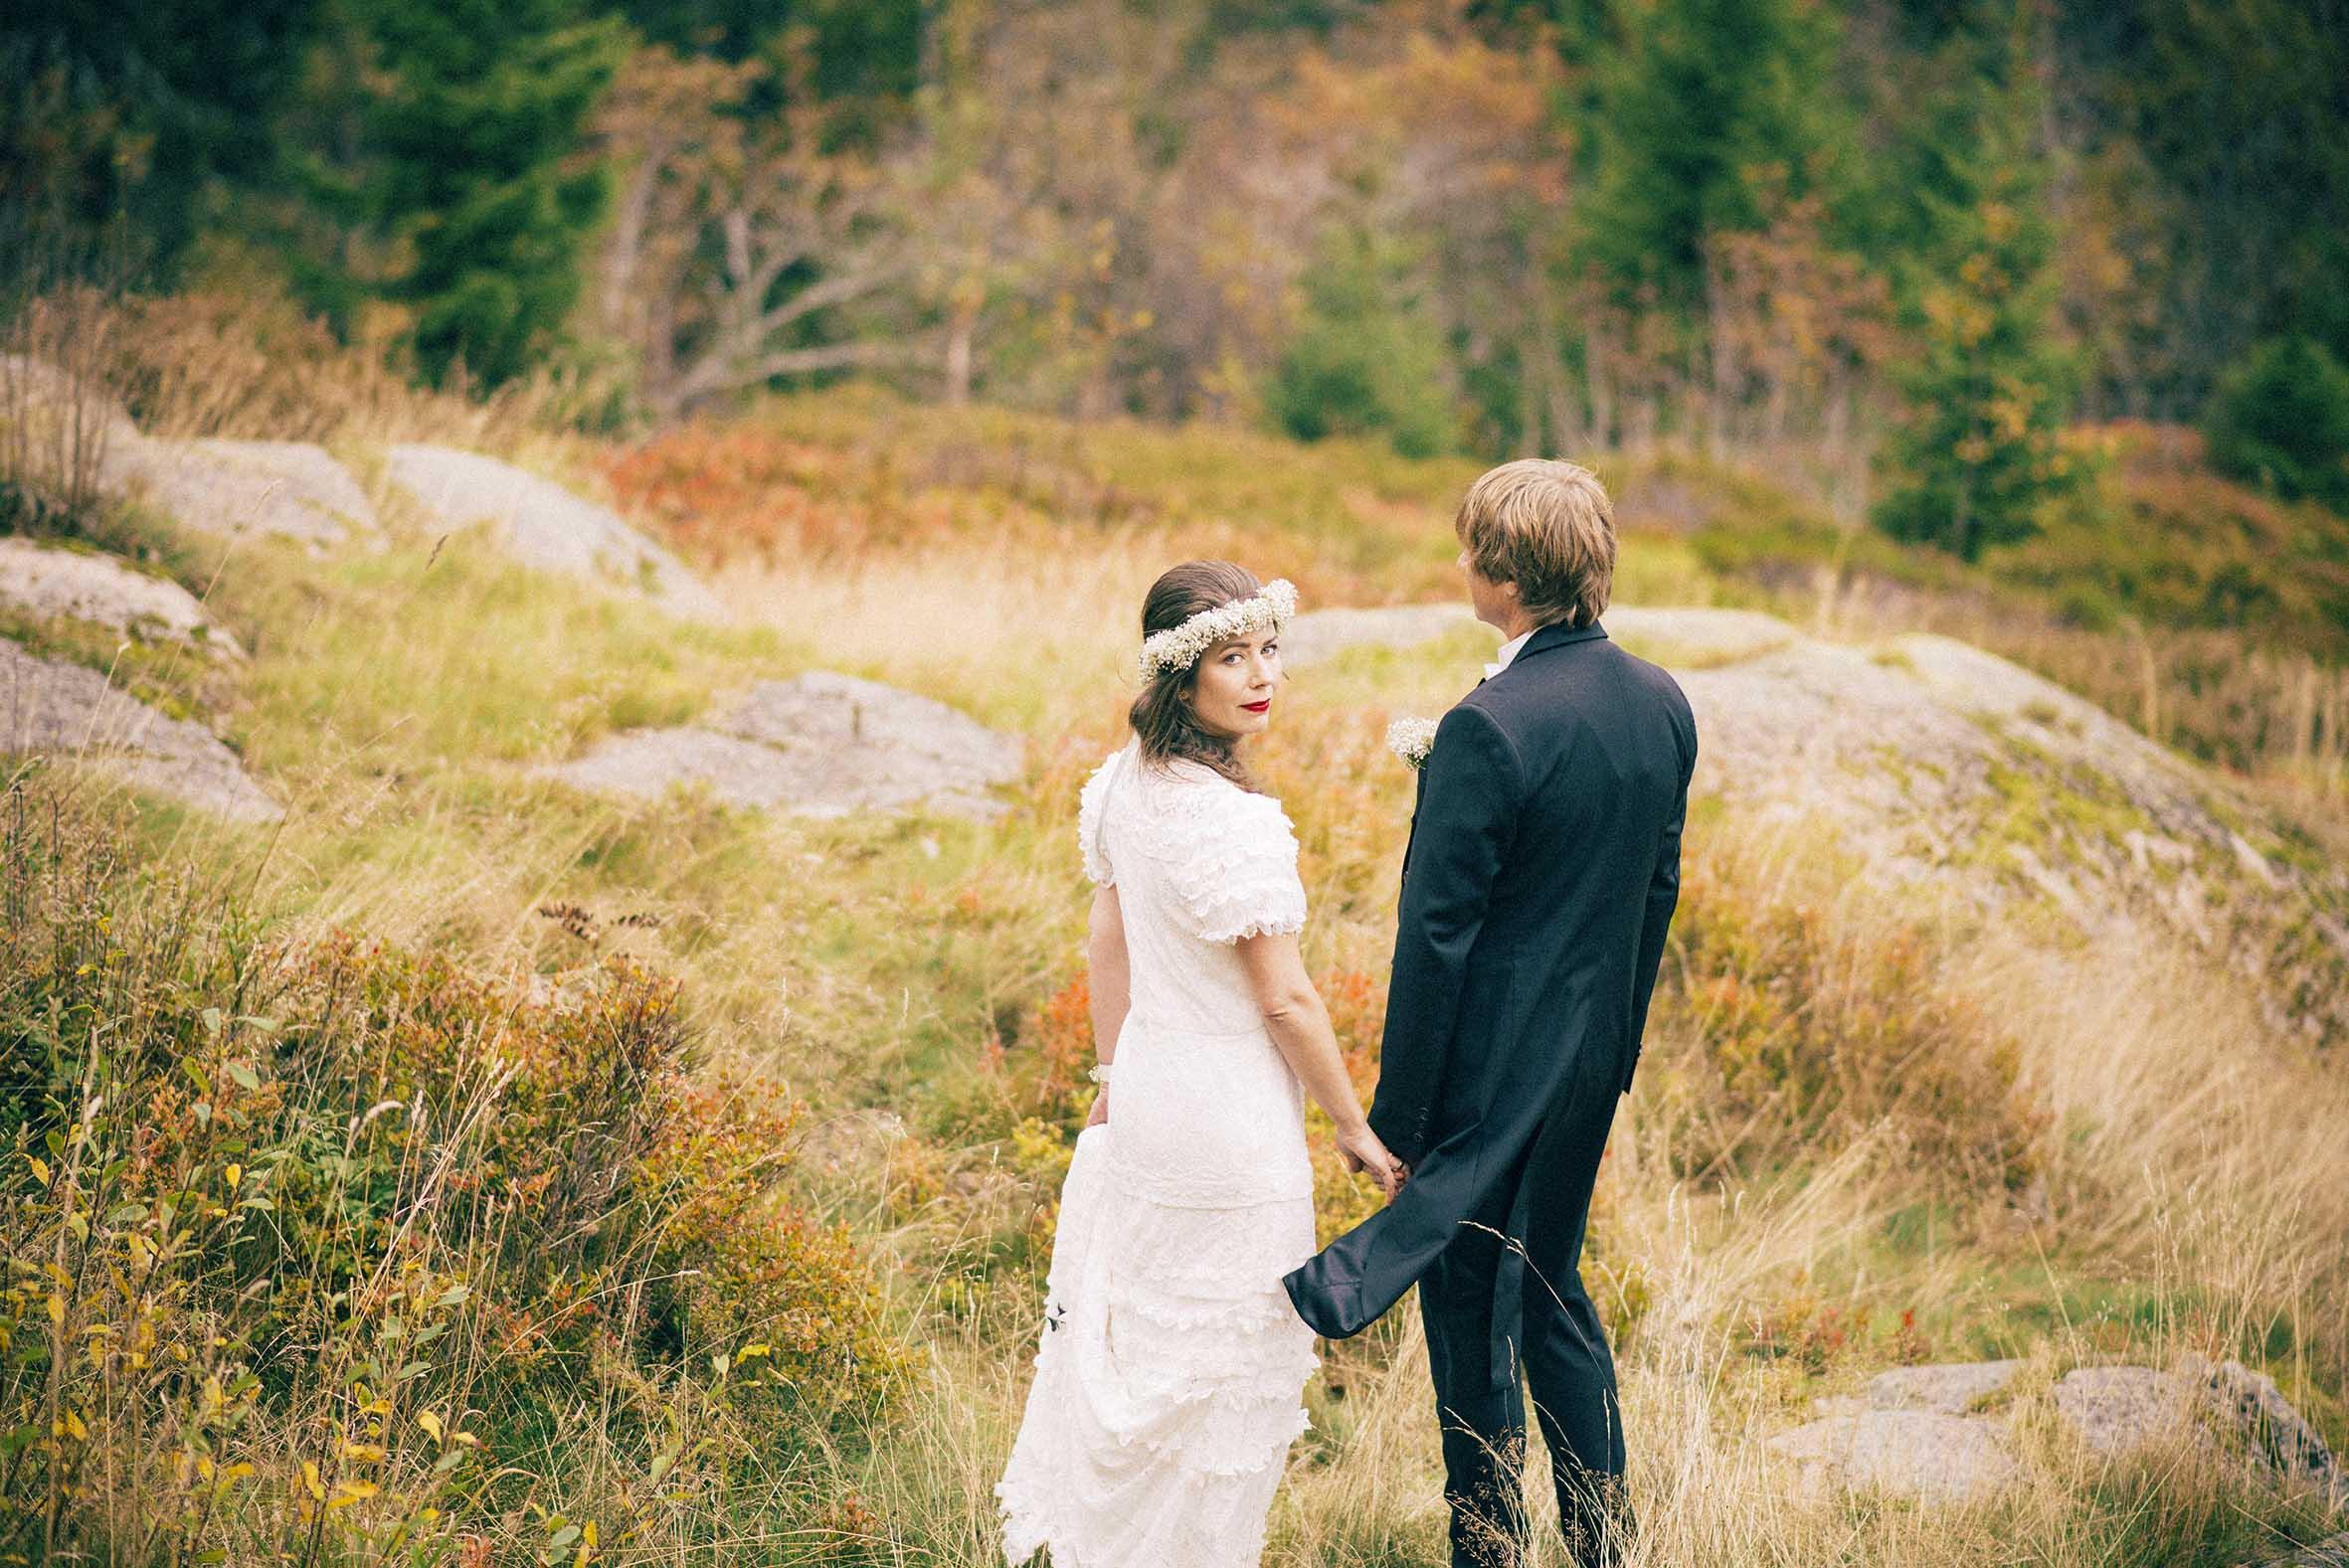 Nostalgisk bryllupsbilde, brudgommen har en frakk som blåser i vinden, bruden ser inn i kamera, romantisk bilde, bryllups fotografering fra Soria Moria